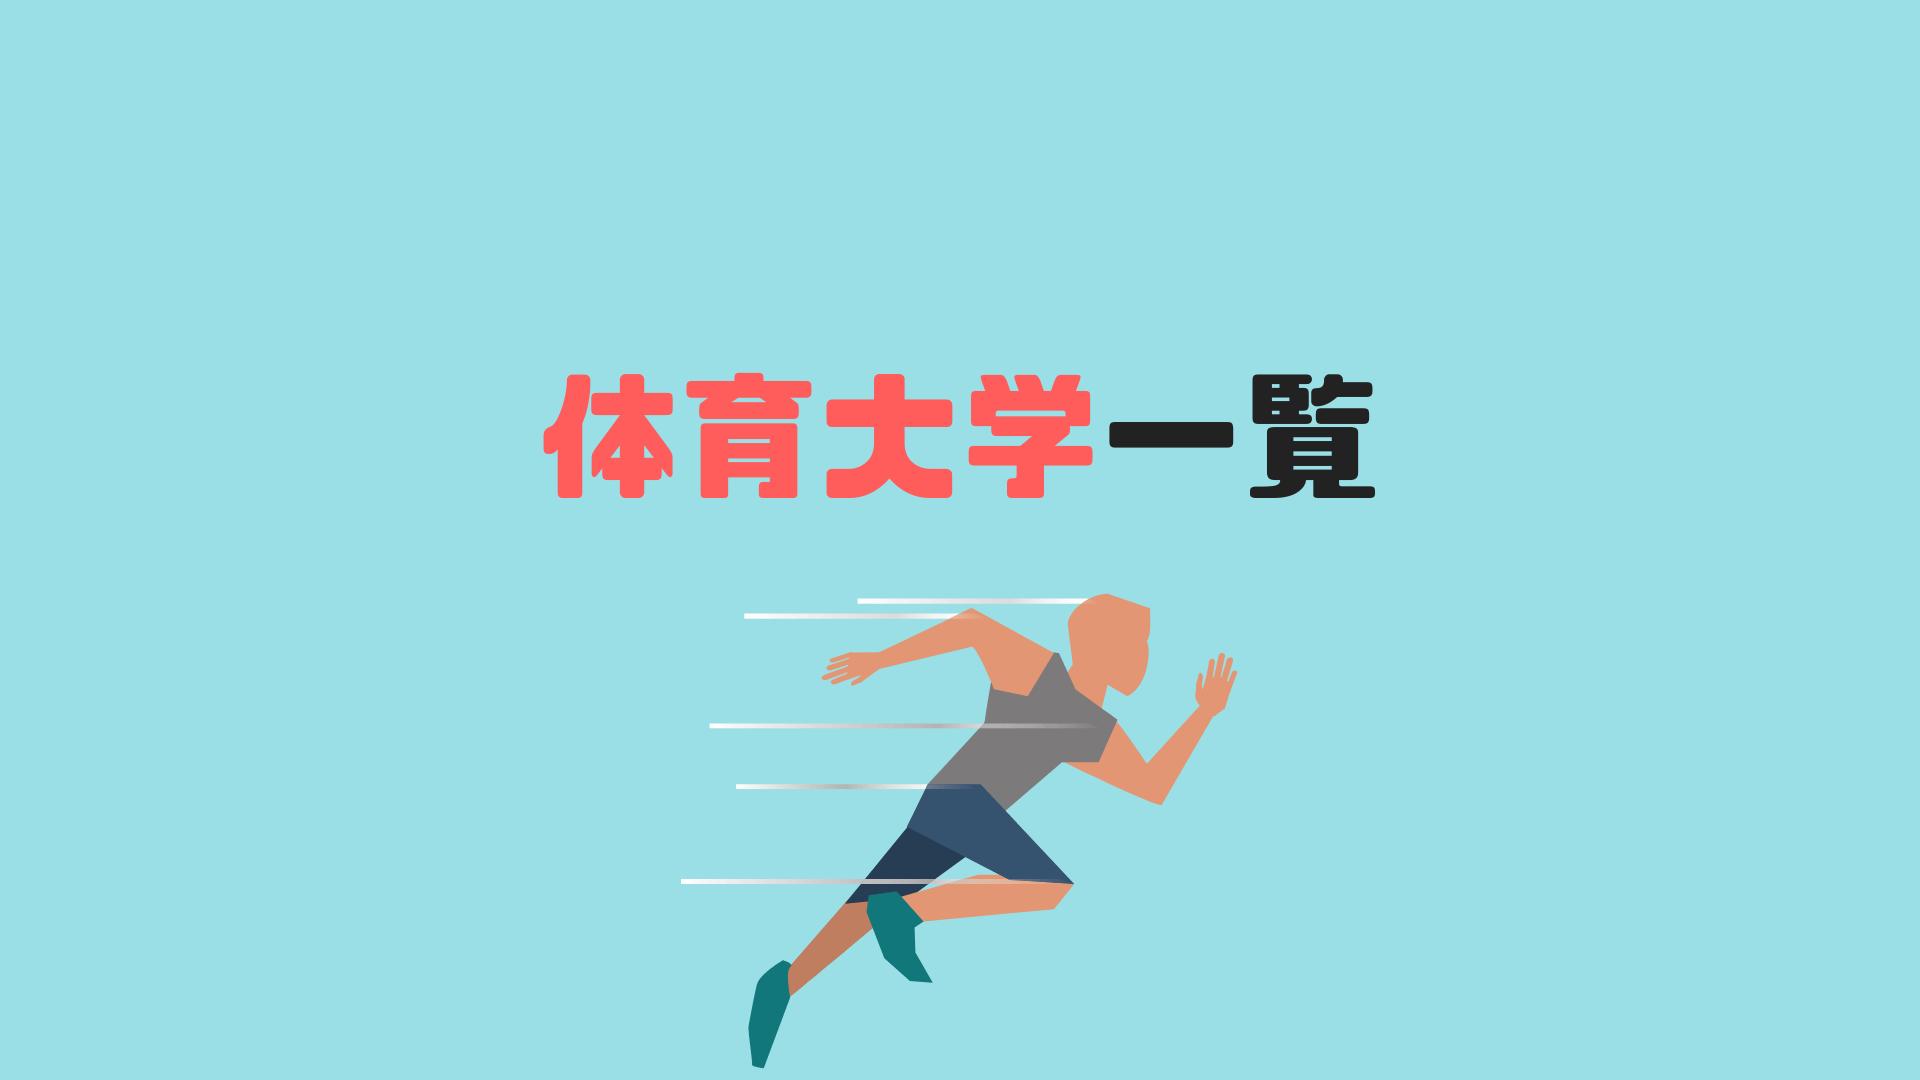 大学 値 体育 日本 偏差